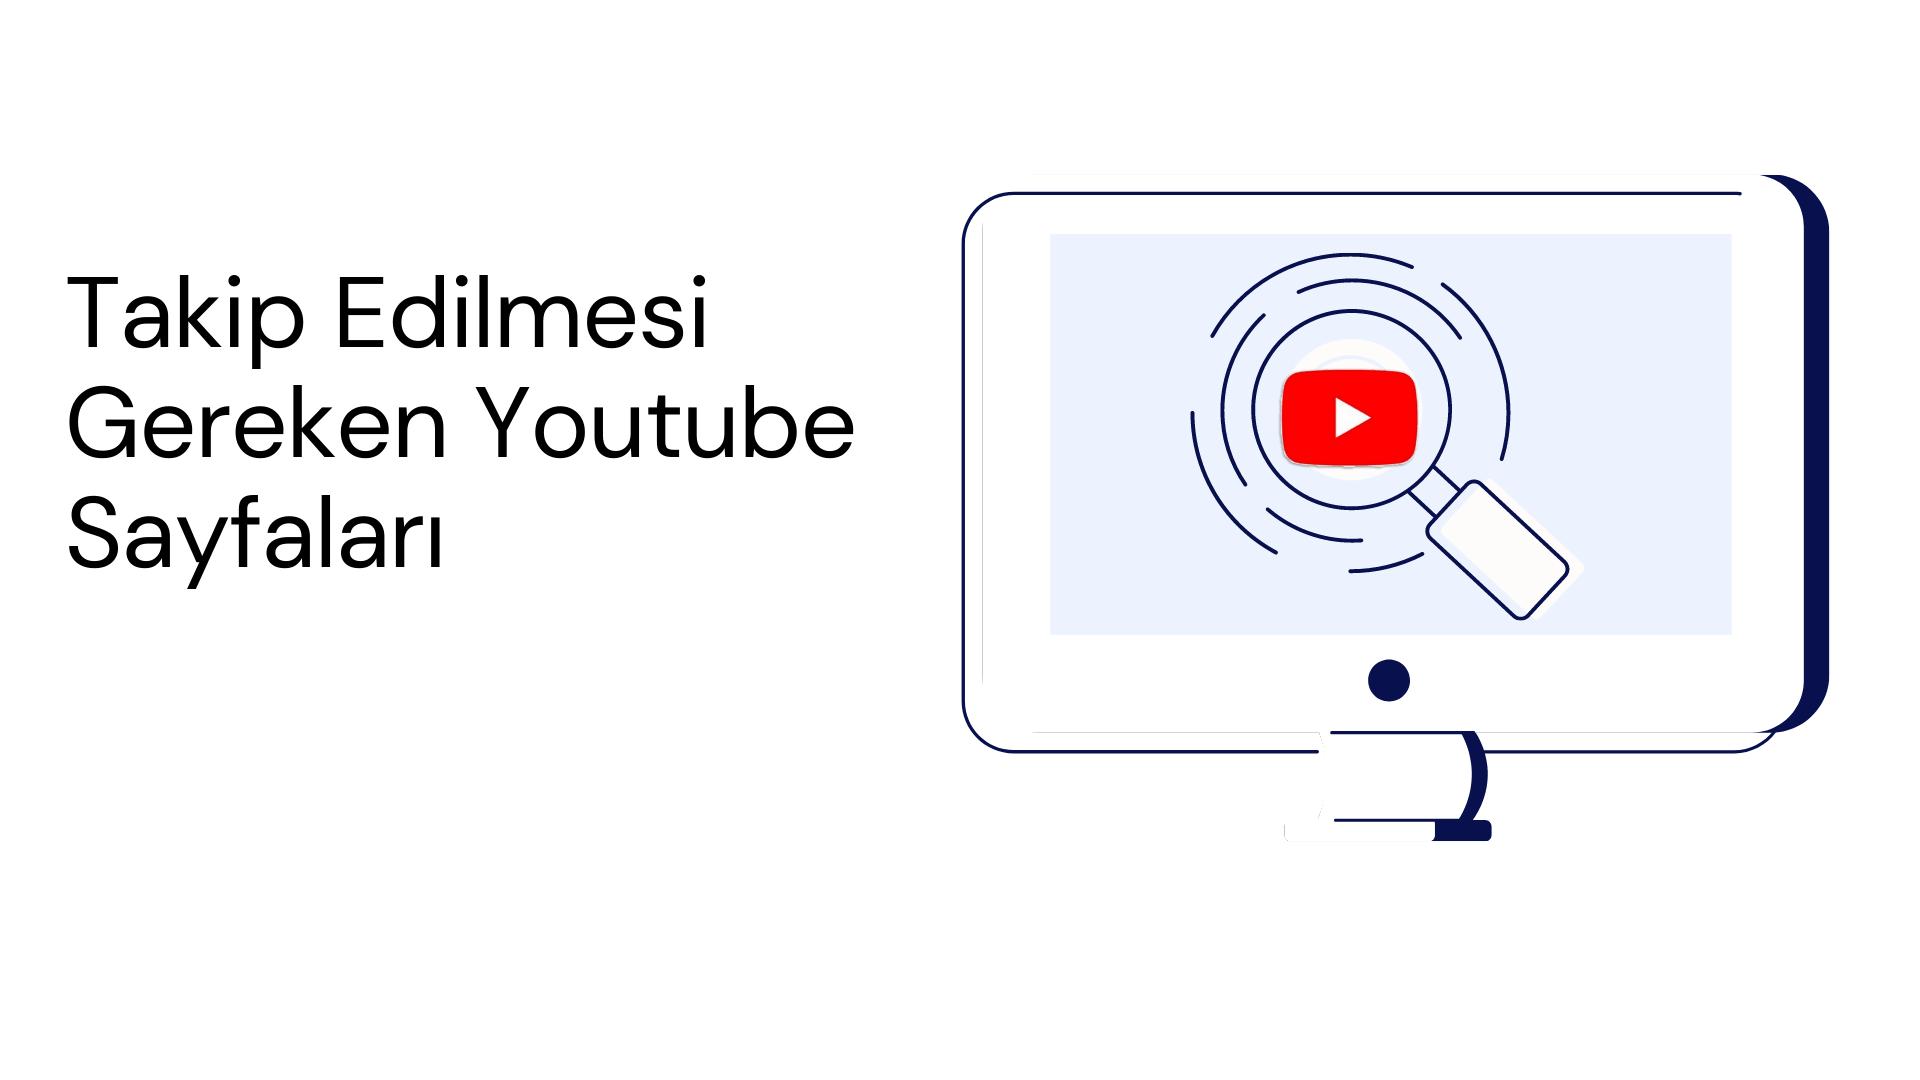 Takip edilmesi gereken youtube sayfalari